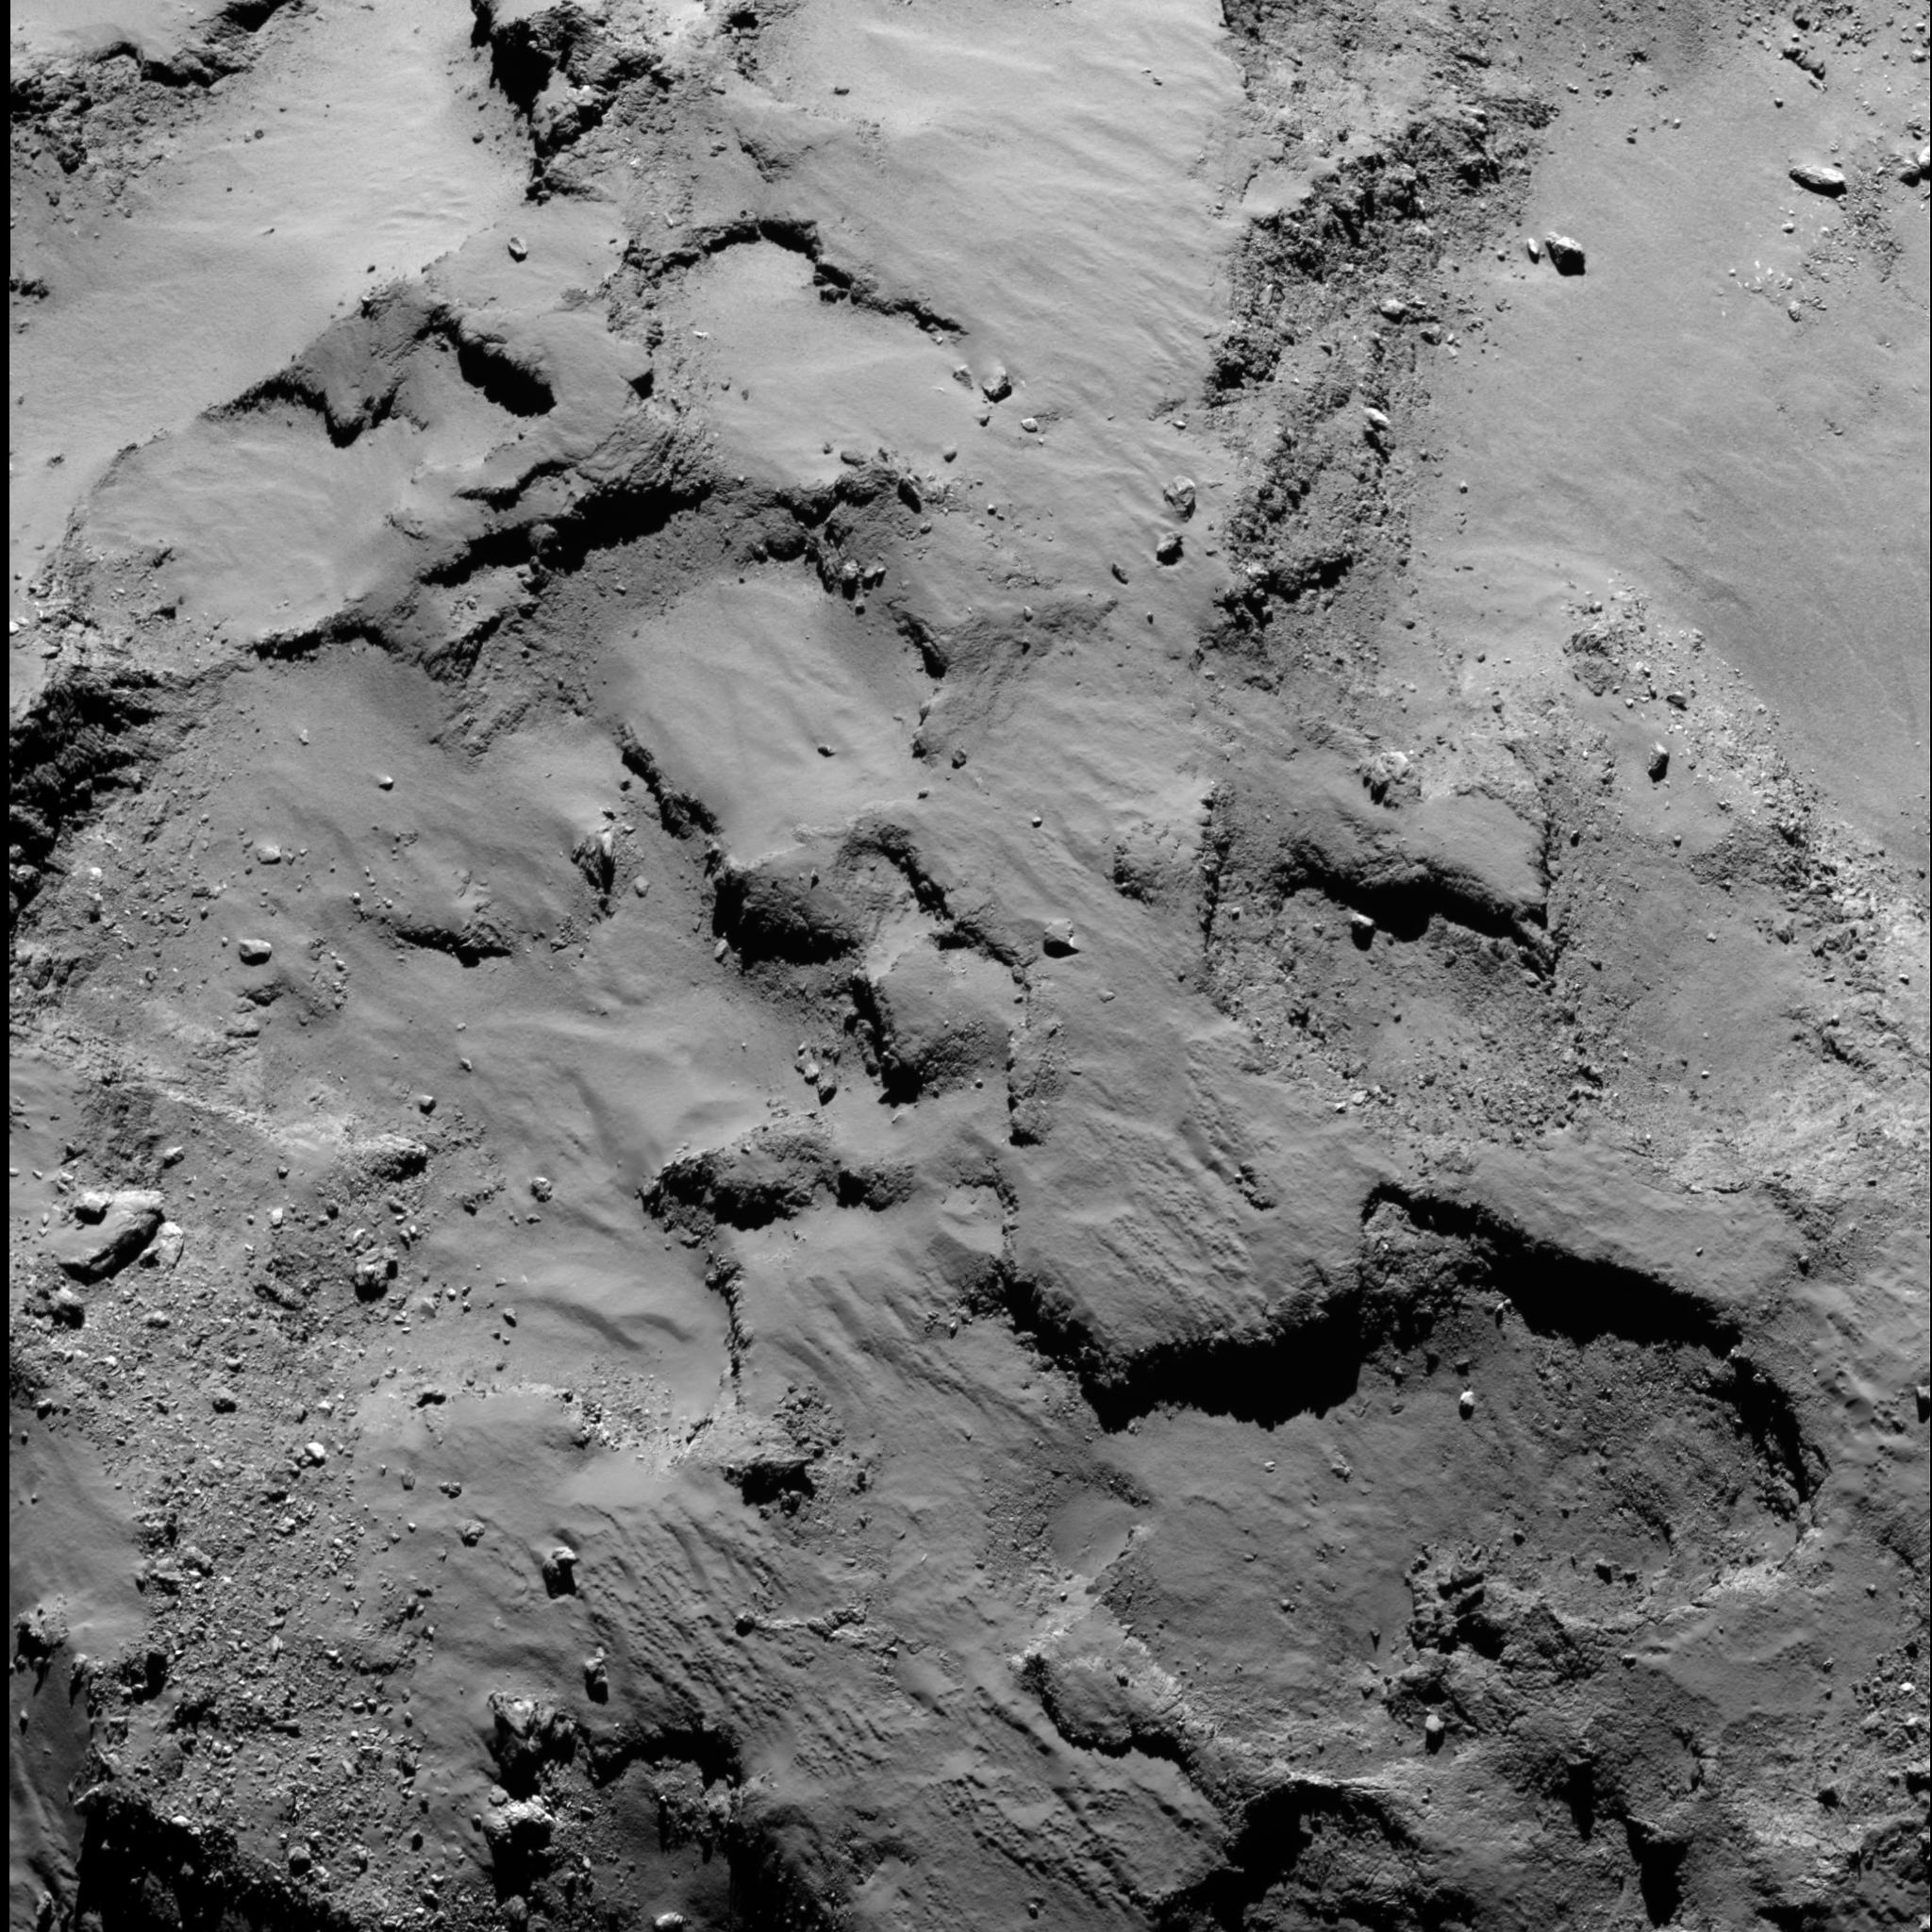 Поверхность кометы Чурюмова-Герасименко